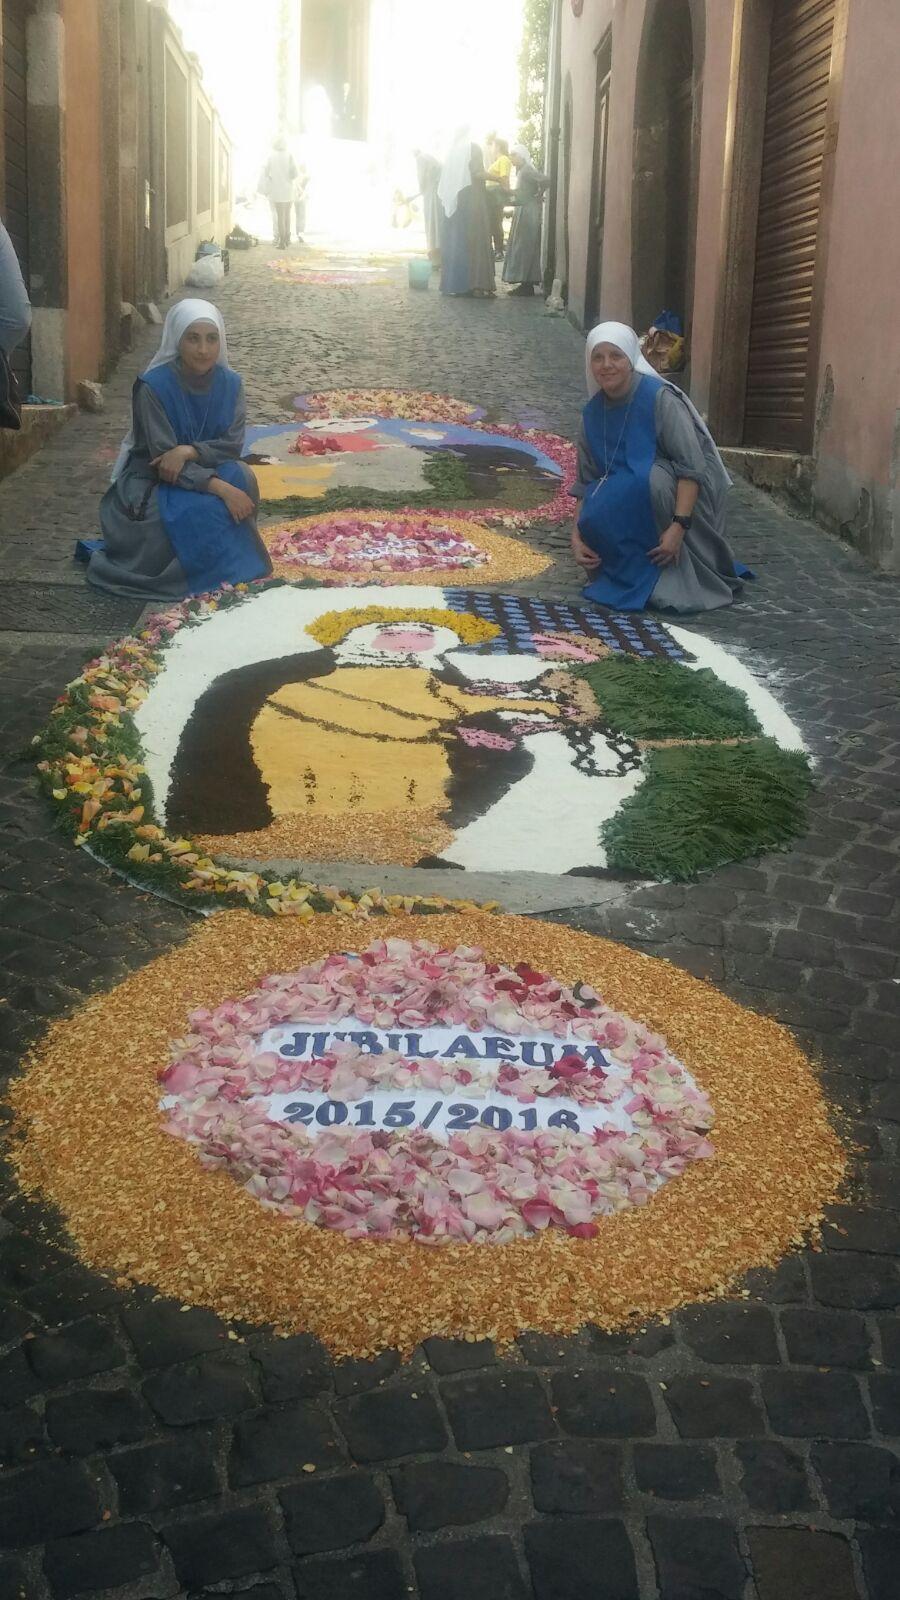 Servidoras - La fiesta del Corpus Christi - Concatedral de Santa María de la Asunción, en Segni